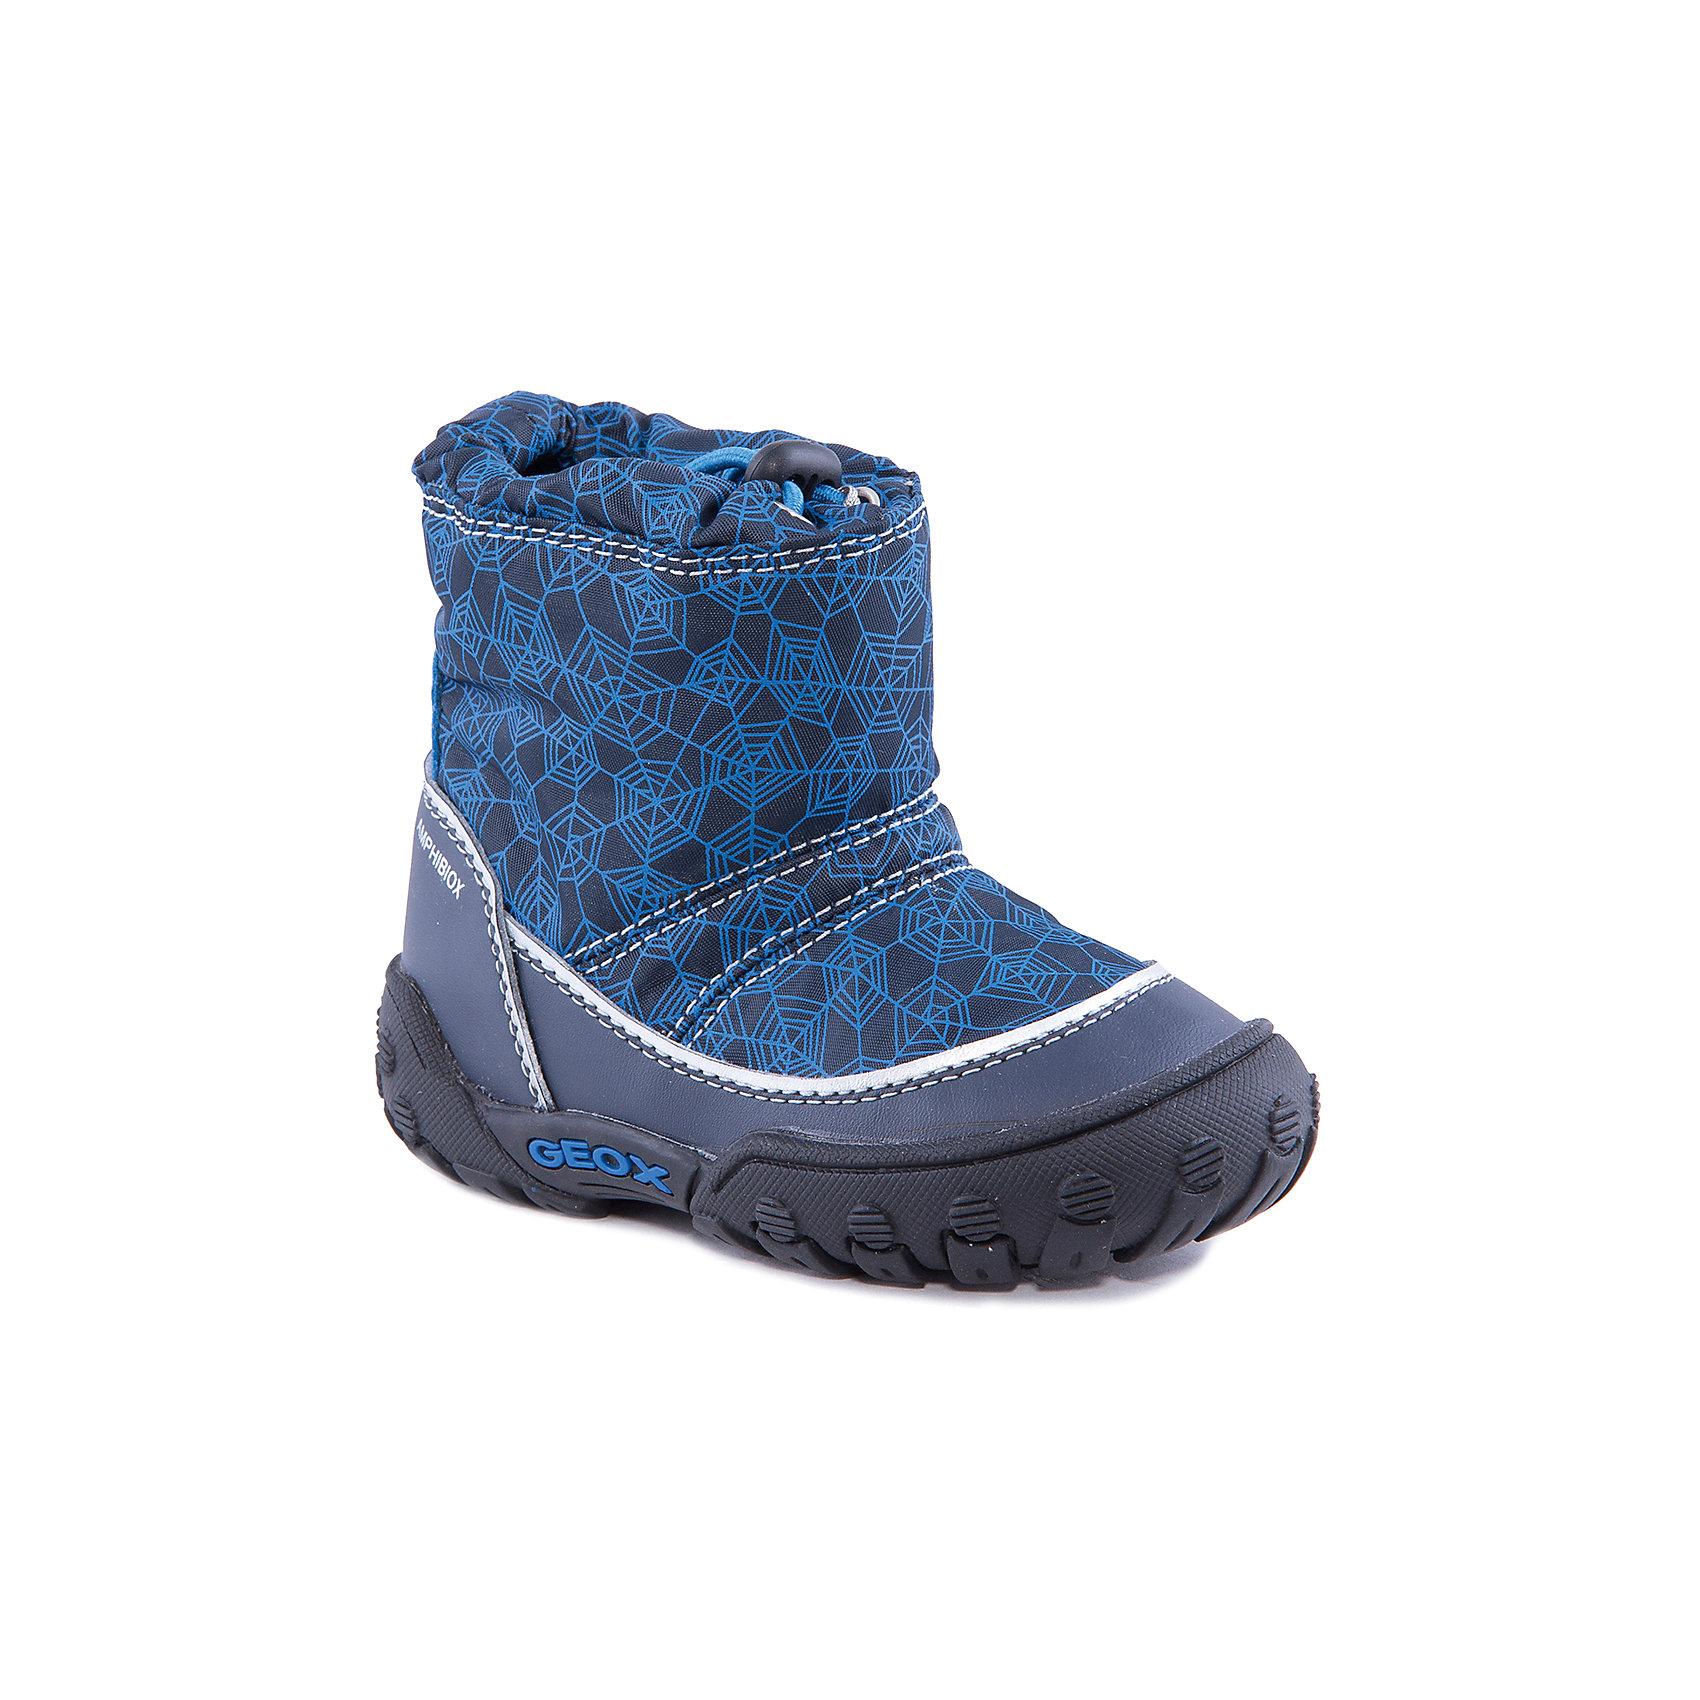 Полусапожки для мальчика GEOXПолусапожки для мальчика от популярной марки GEOX.<br>Теплые синие сапоги с черными деталями сделаны по уникальной технологии. Производитель обуви GEOX разработал специальную дышащую подошву, которая не пропускает влагу внутрь, а также высокотехнологичную стельку. При производстве этих полусапожек была задействована технология Amphibiox, делающая обувь непромокаемой. <br>Отличительные особенности модели:<br>- гибкая водоотталкивающая подошва с дышащей мембраной;<br>- утепленная стелька;<br>- мягкий и легкий верх;<br>- защита пятки и пальцев;<br>- эргономичная форма;<br>- удобная утяжка на голенище;<br>- комфортное облегание;<br>- ударопрочная антибактериальная стелька;<br>- защита от промокания - технология Amphibiox;<br>- верх обуви и подкладка сделаны без использования хрома.<br>Дополнительная информация:<br>- Температурный режим: от - 20° С  до -5° С.<br>- Состав:<br>материал верха: синтетический материал, текстиль<br>материал подкладки: текстиль<br>подошва: полимер.<br>Полусапожки для мальчика GEOX (Геокс) можно купить в нашем магазине.<br><br>Ширина мм: 257<br>Глубина мм: 180<br>Высота мм: 130<br>Вес г: 420<br>Цвет: синий<br>Возраст от месяцев: 24<br>Возраст до месяцев: 36<br>Пол: Мужской<br>Возраст: Детский<br>Размер: 26,22,25,24,23,27<br>SKU: 4177989